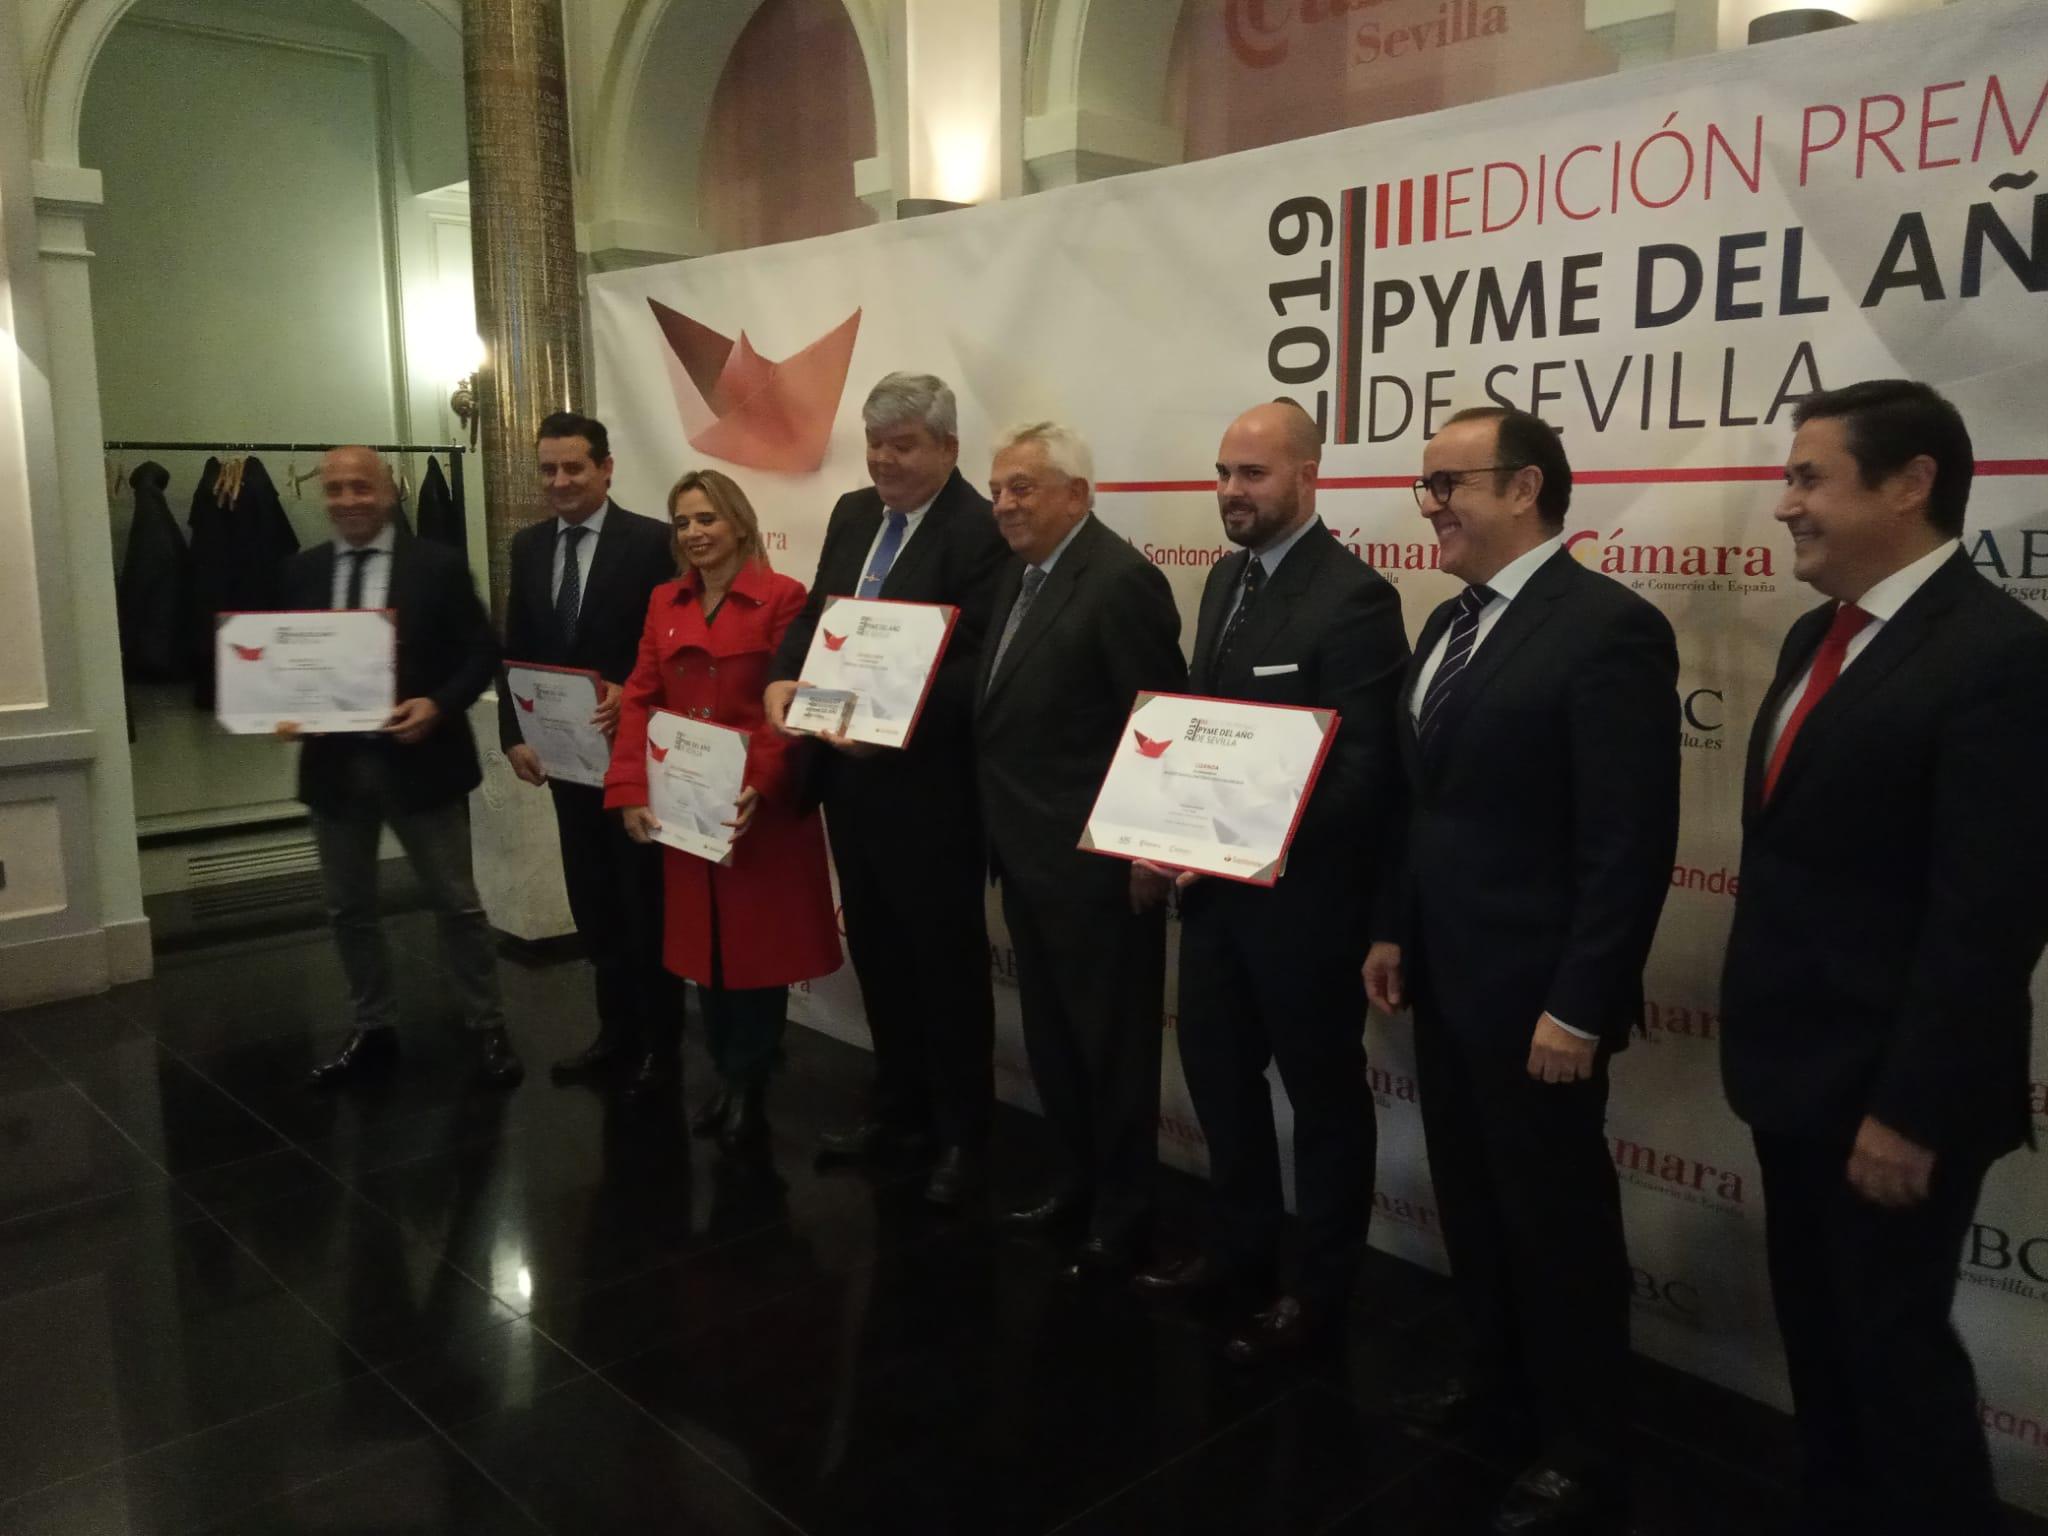 CEN Solutions, Premio Pyme sevillana de 2019 de la Cámara de Comercio